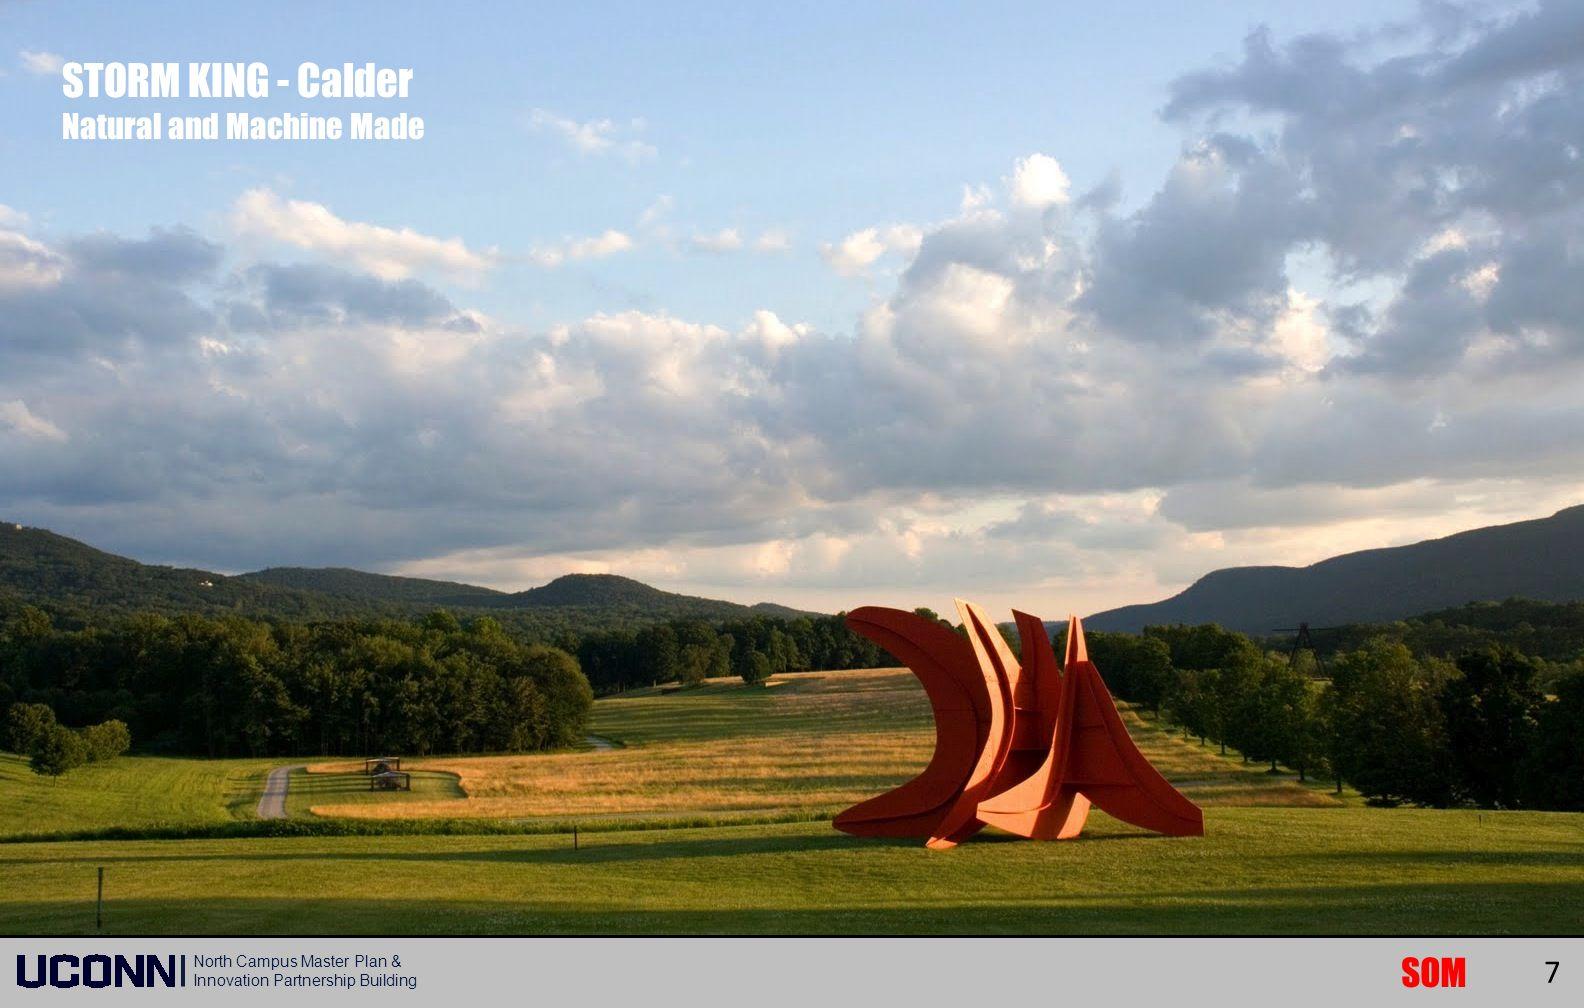 STORM KING - Calder Natural and Machine Made